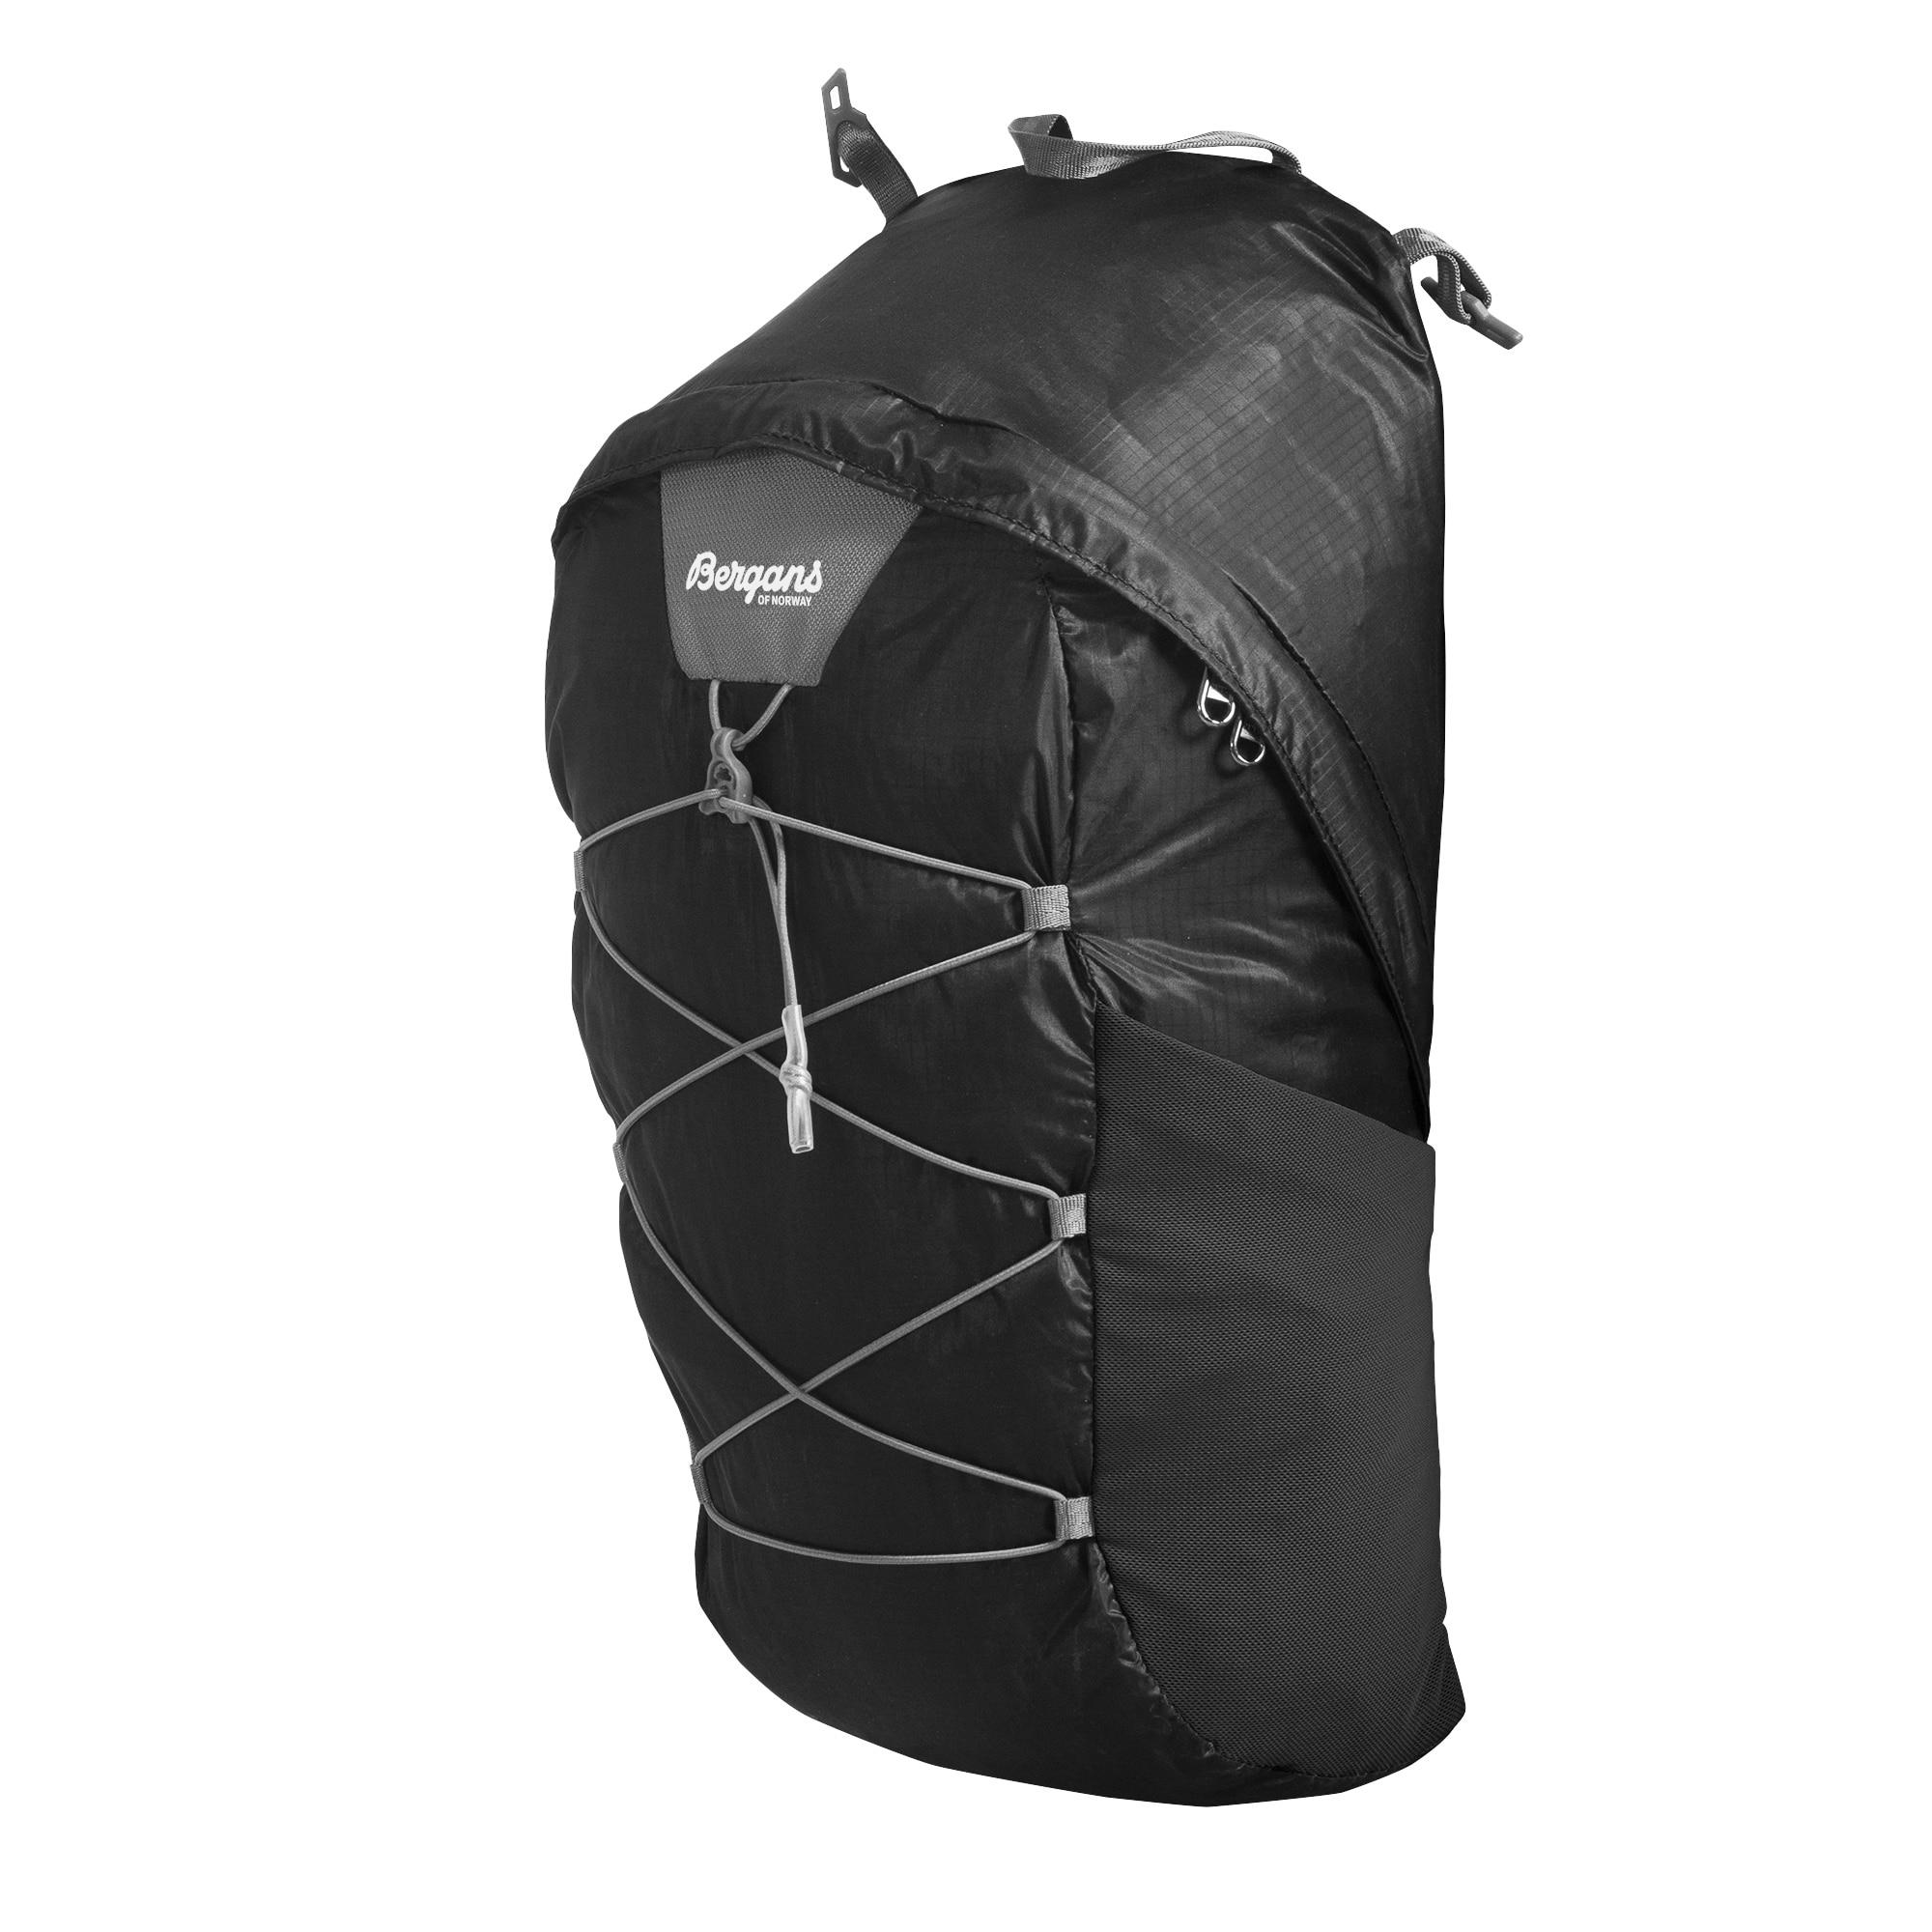 PLUS Daypack